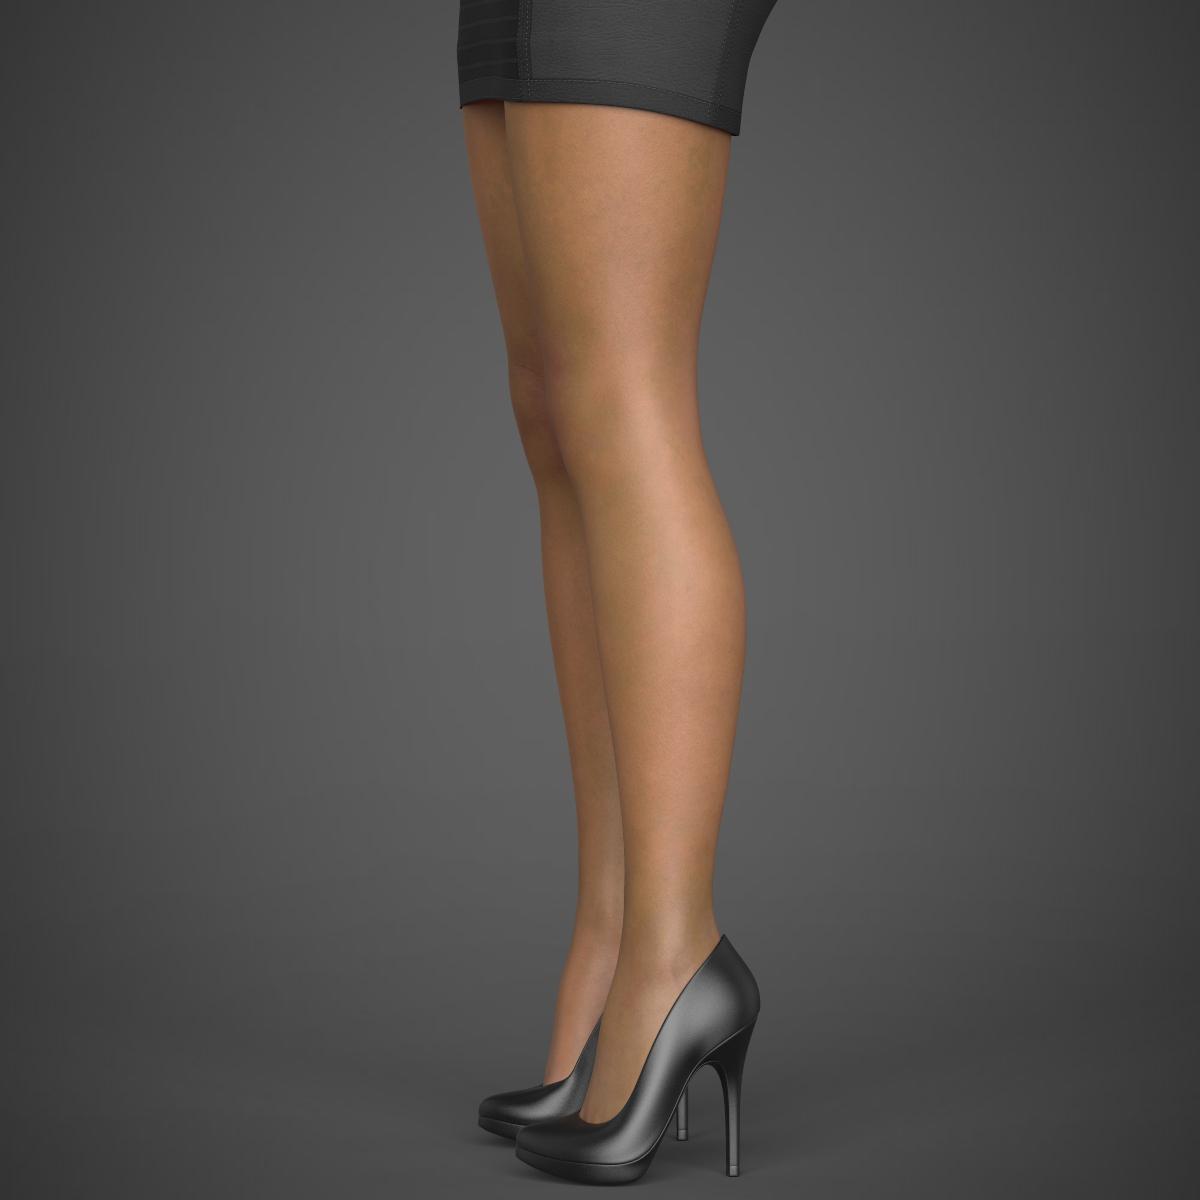 young sexy woman 3d model max fbx c4d ma mb texture obj 221216